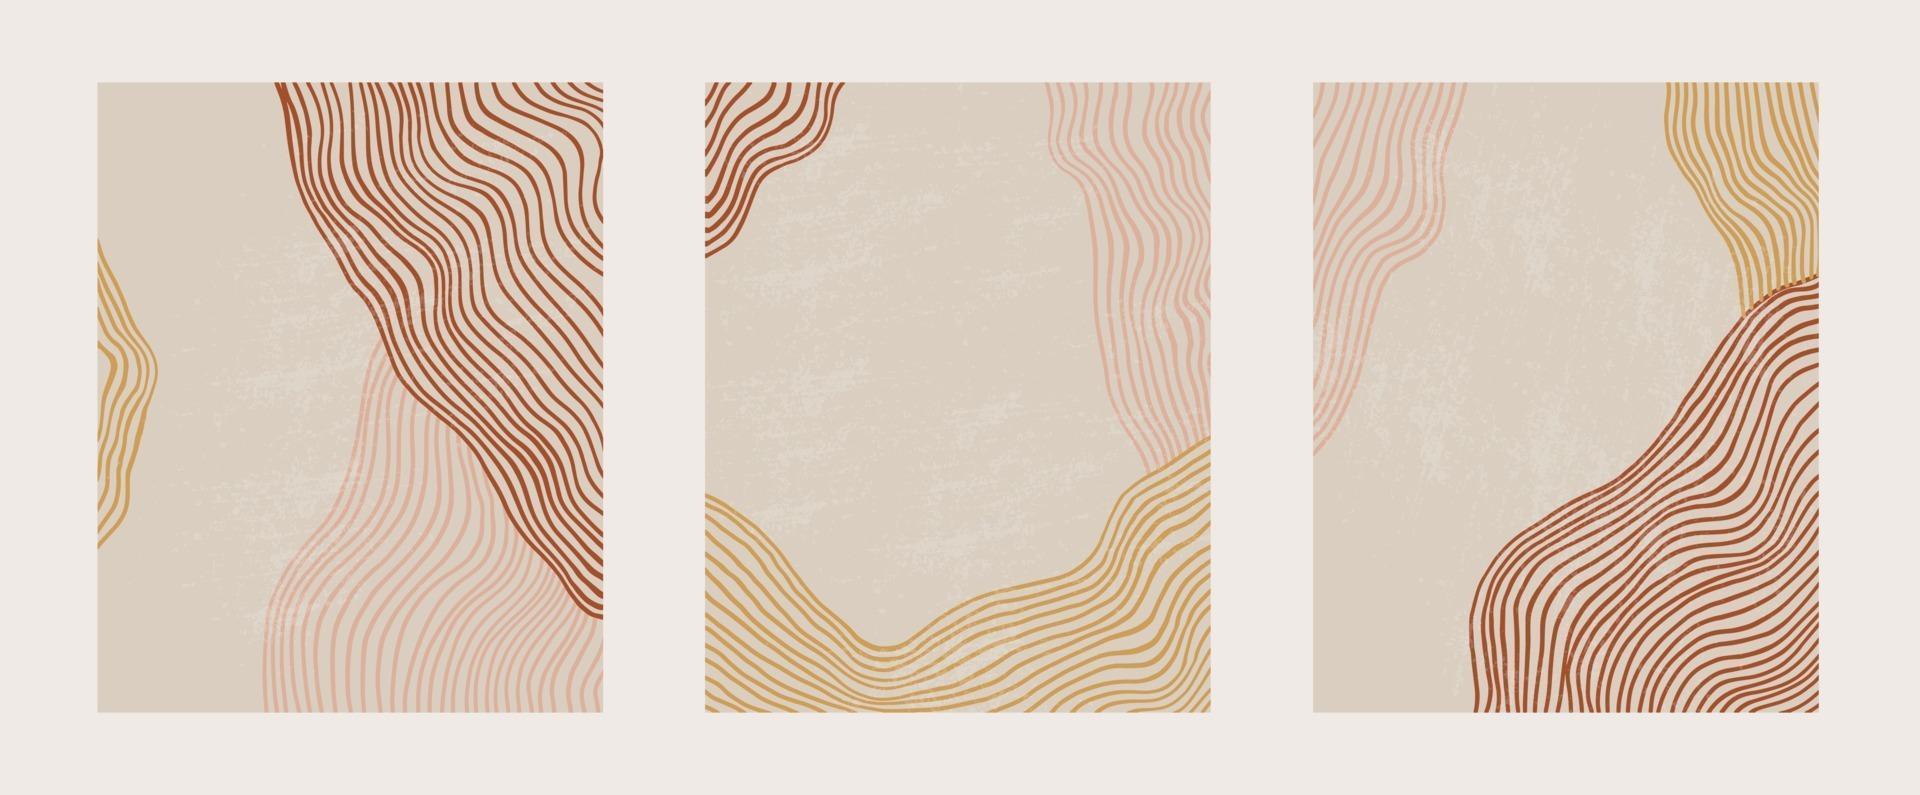 trendy eigentijdse set van abstracte creatieve geometrische minimalistische artistieke handgeschilderde compositie kunst landschapssjabloon. vector posters voor wanddecoratie in vintage stijl